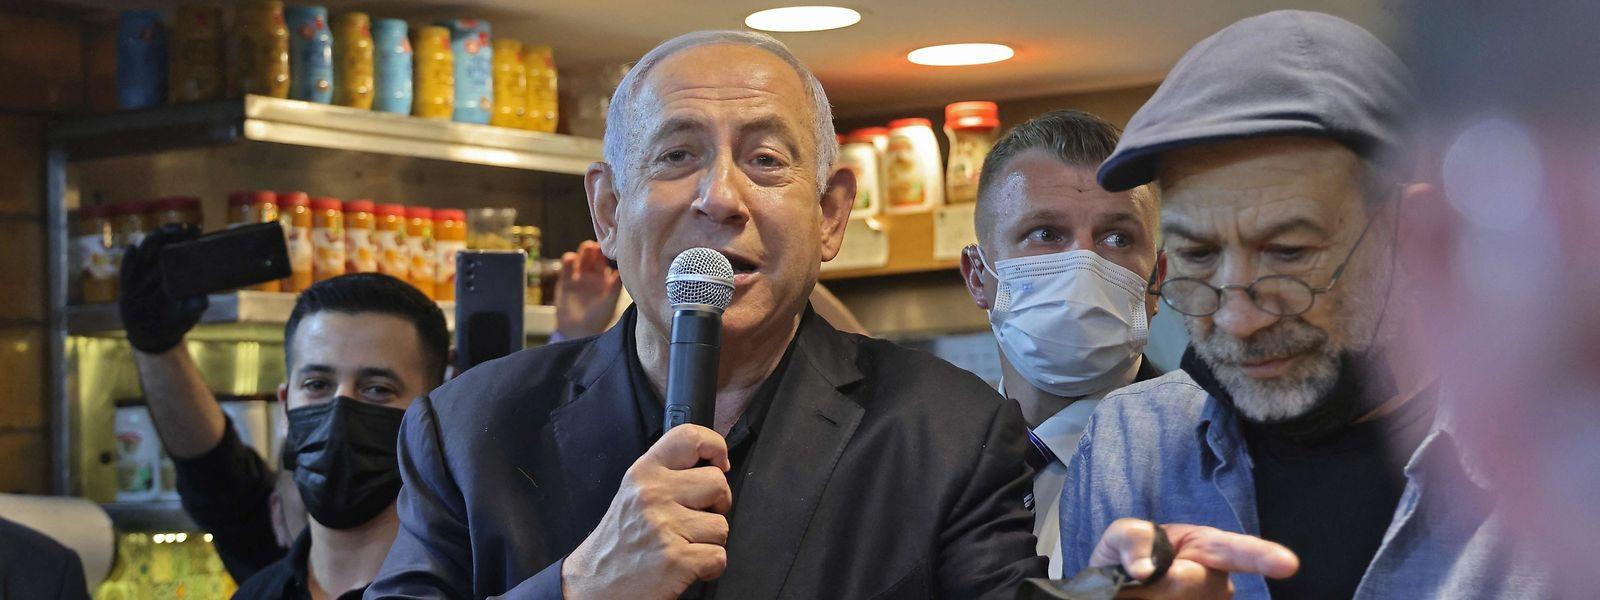 Israels Premierminister Benjamin Netanjahu (Mitte) will Regierungschef bleiben.